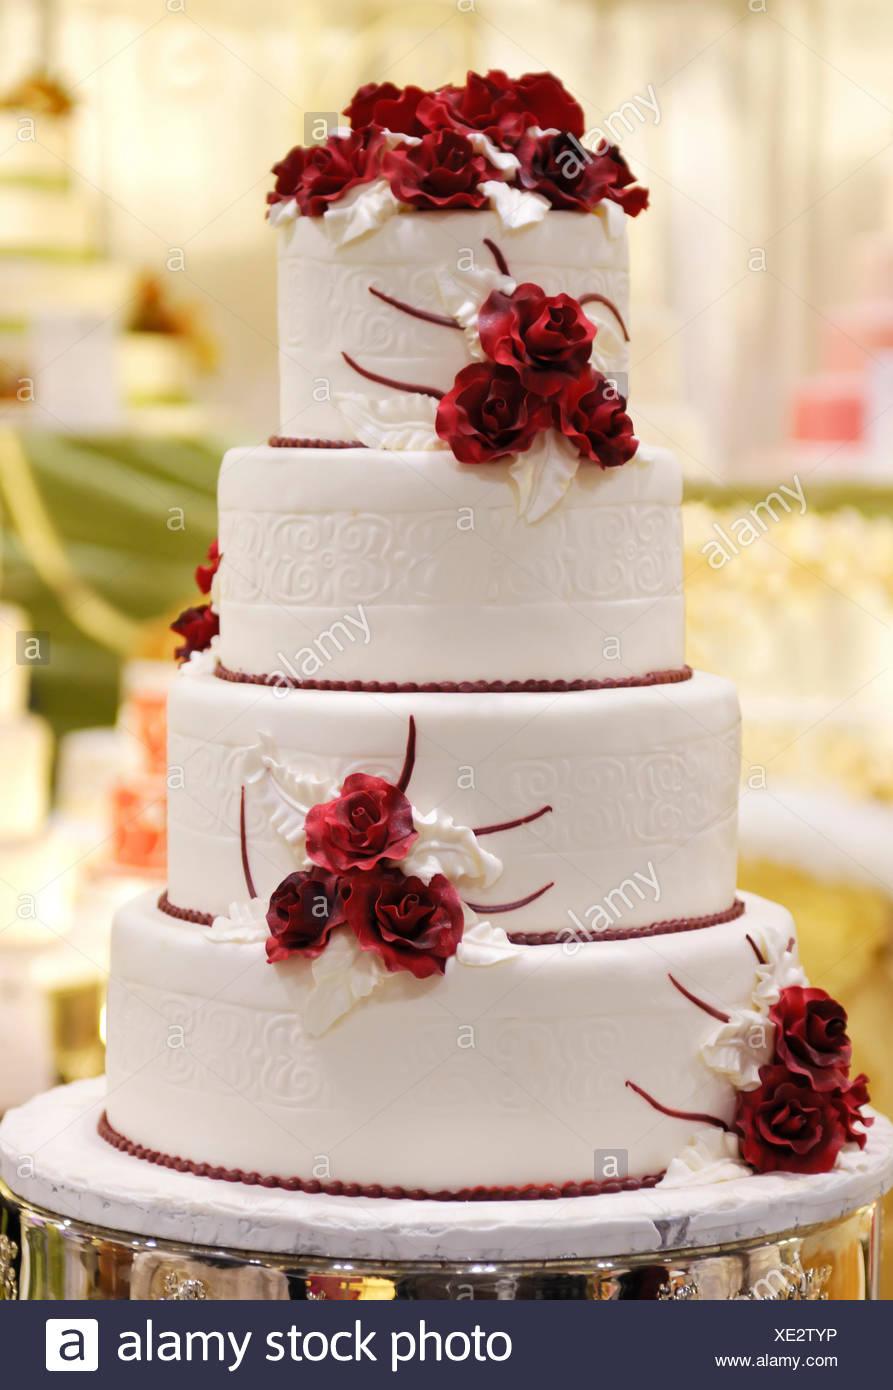 Abgestufte Hochzeitstorte Mit Roten Rosen Verziert Stockfoto Bild